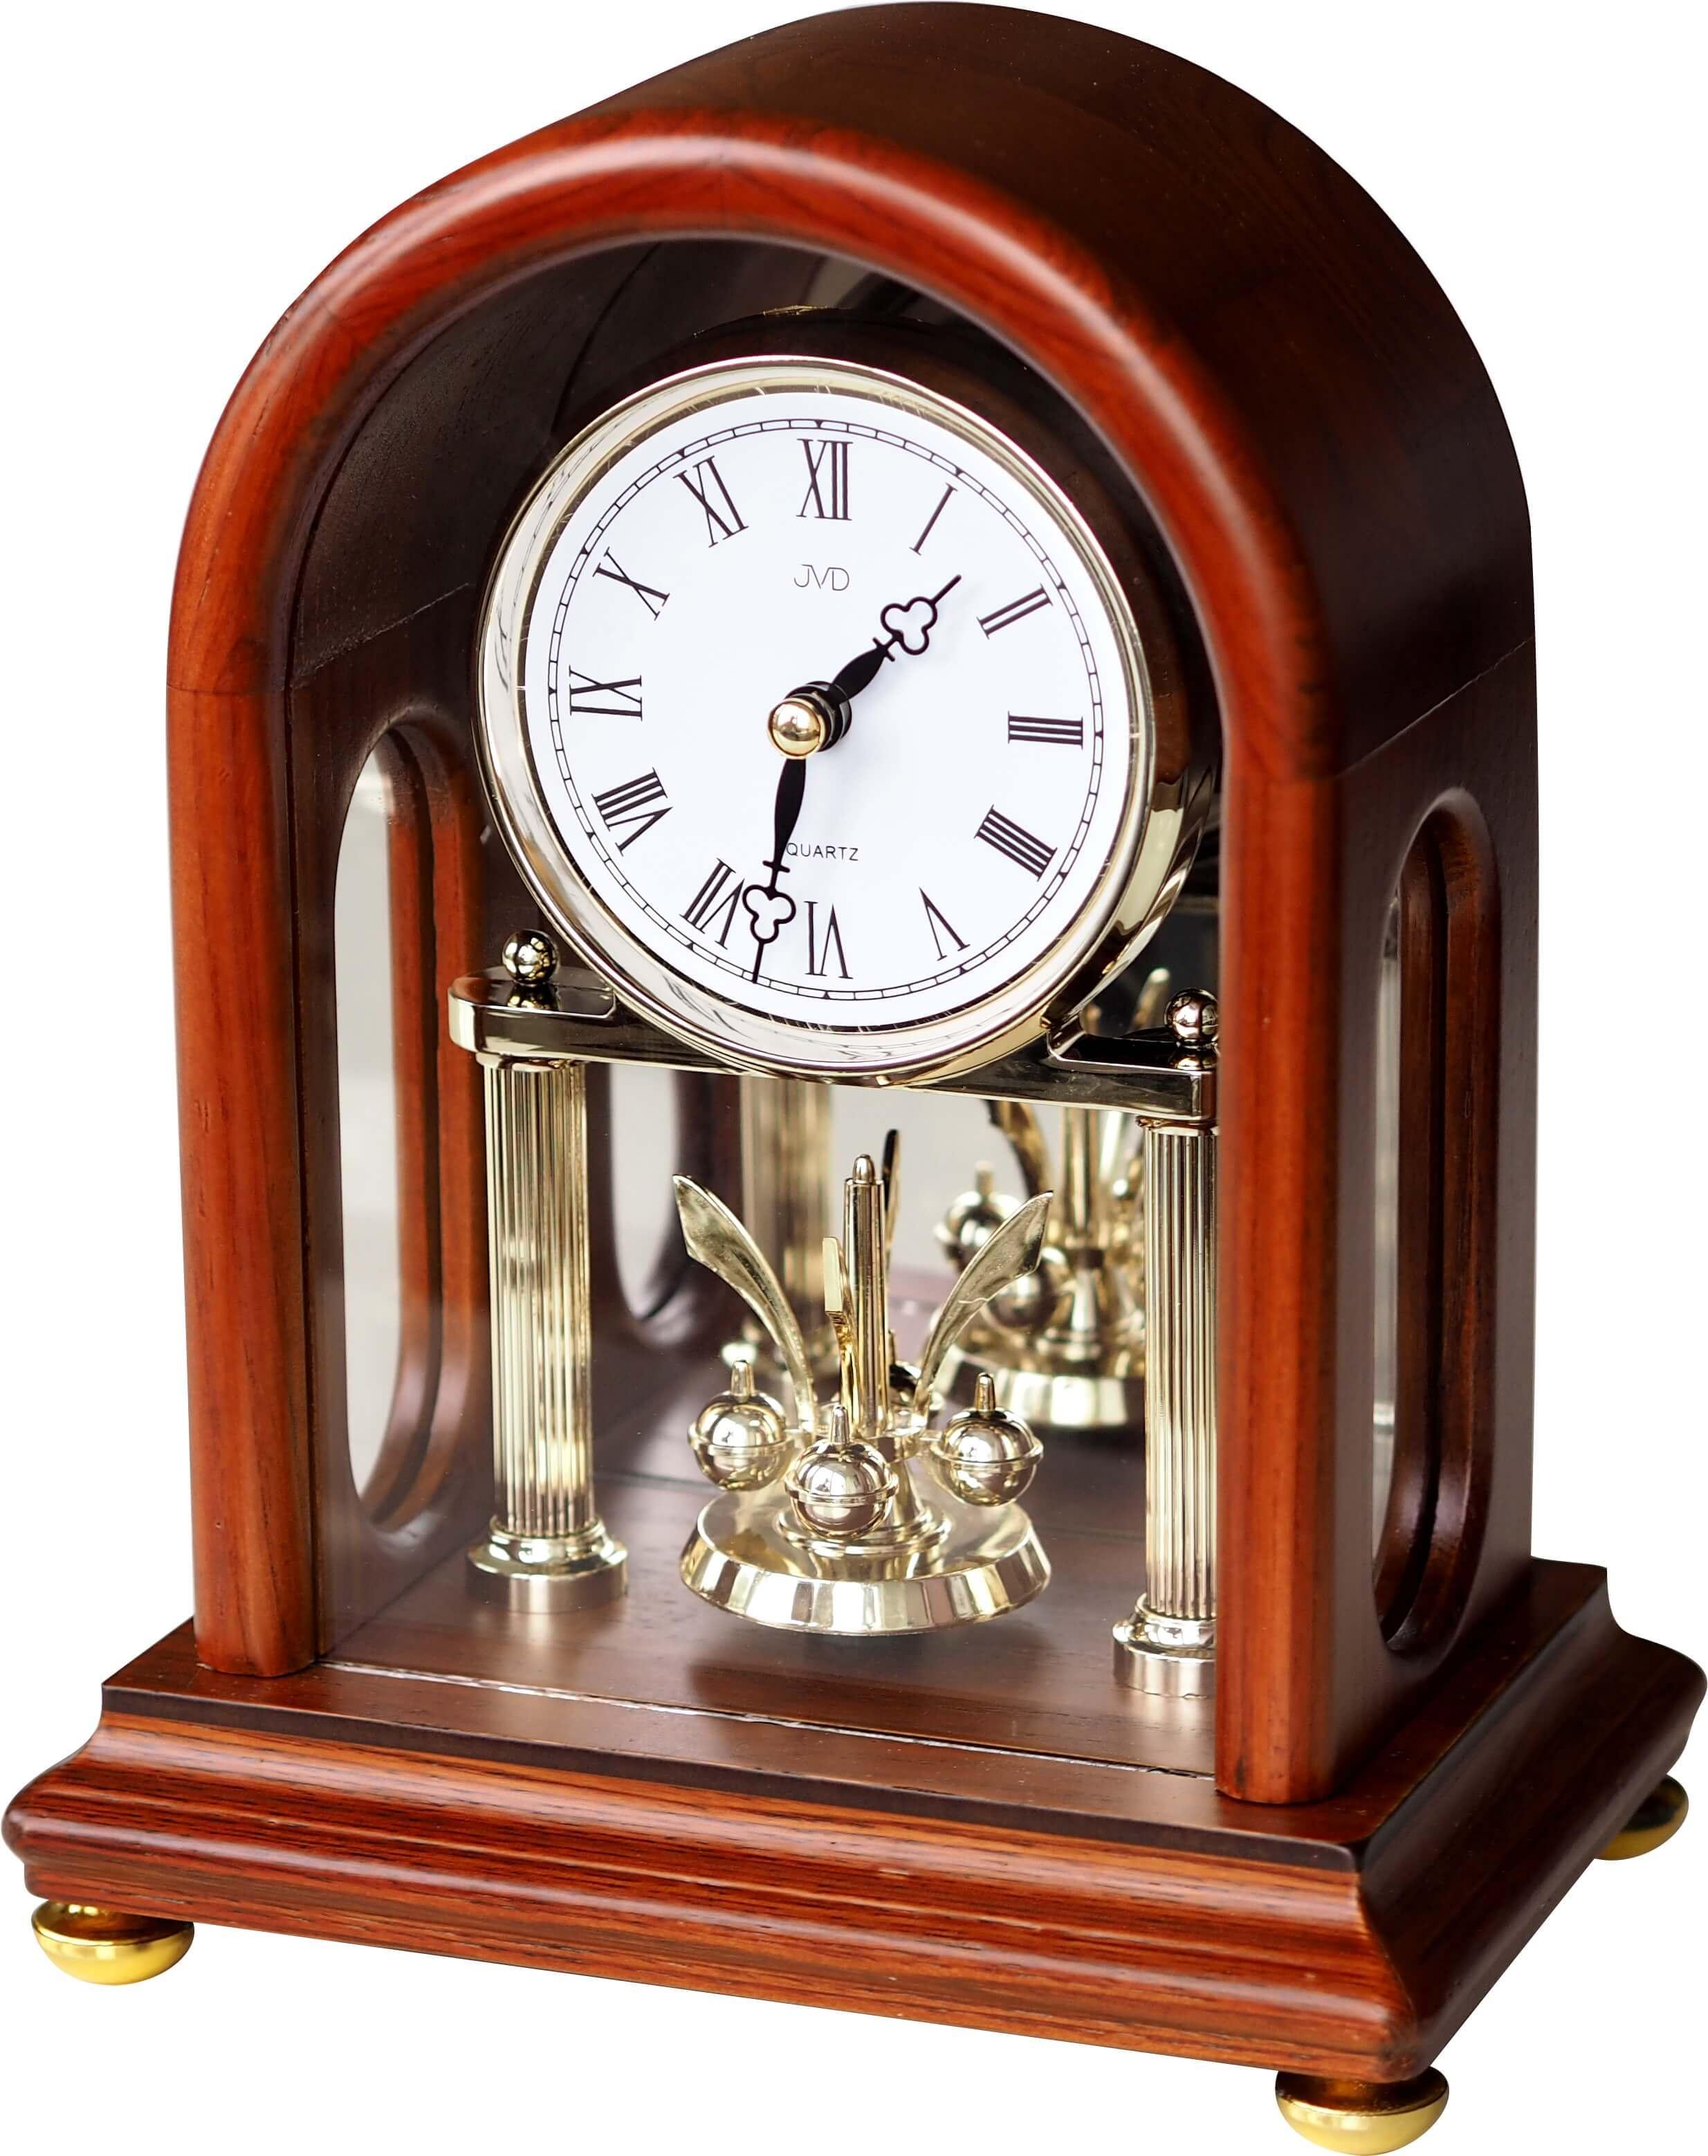 """Dřevěné stolní hodiny JVD HS18.1 (s točitými ročkami) (POŠTOVNÉ ZDARMA!! - retro styl """"ročky"""")"""